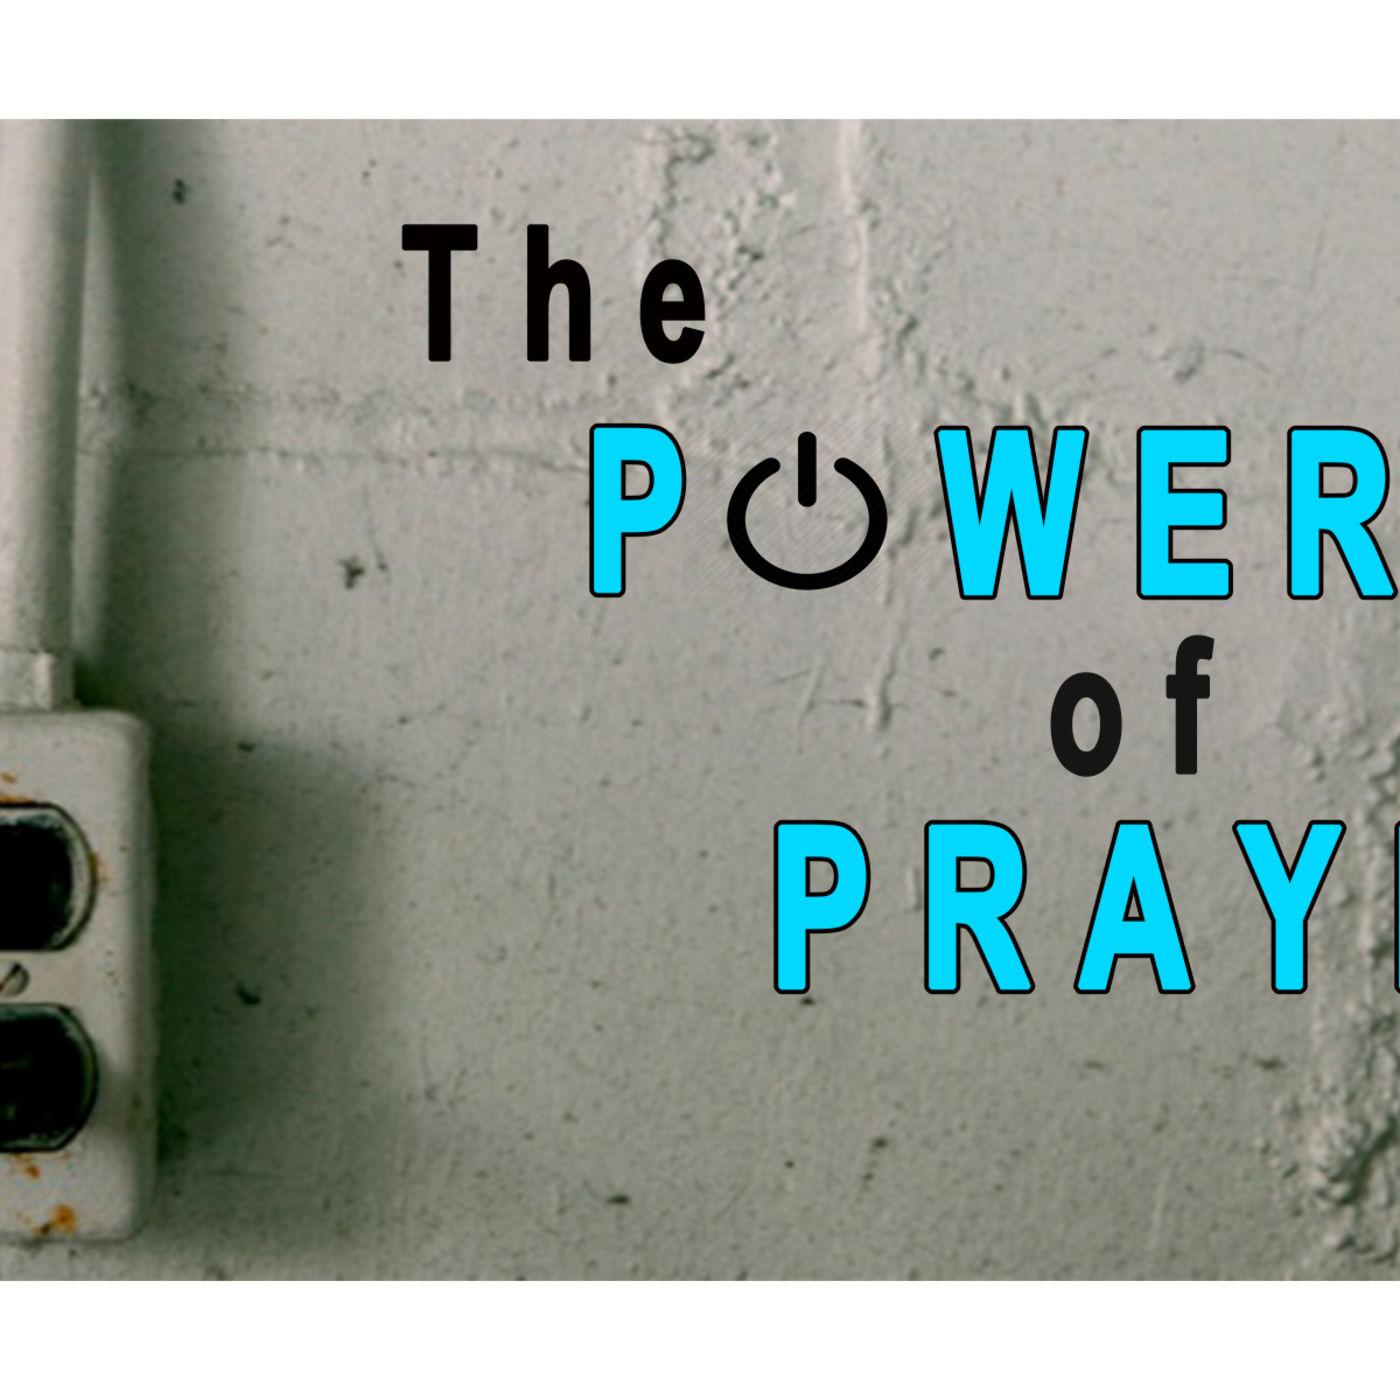 Power of Prayer: More of God